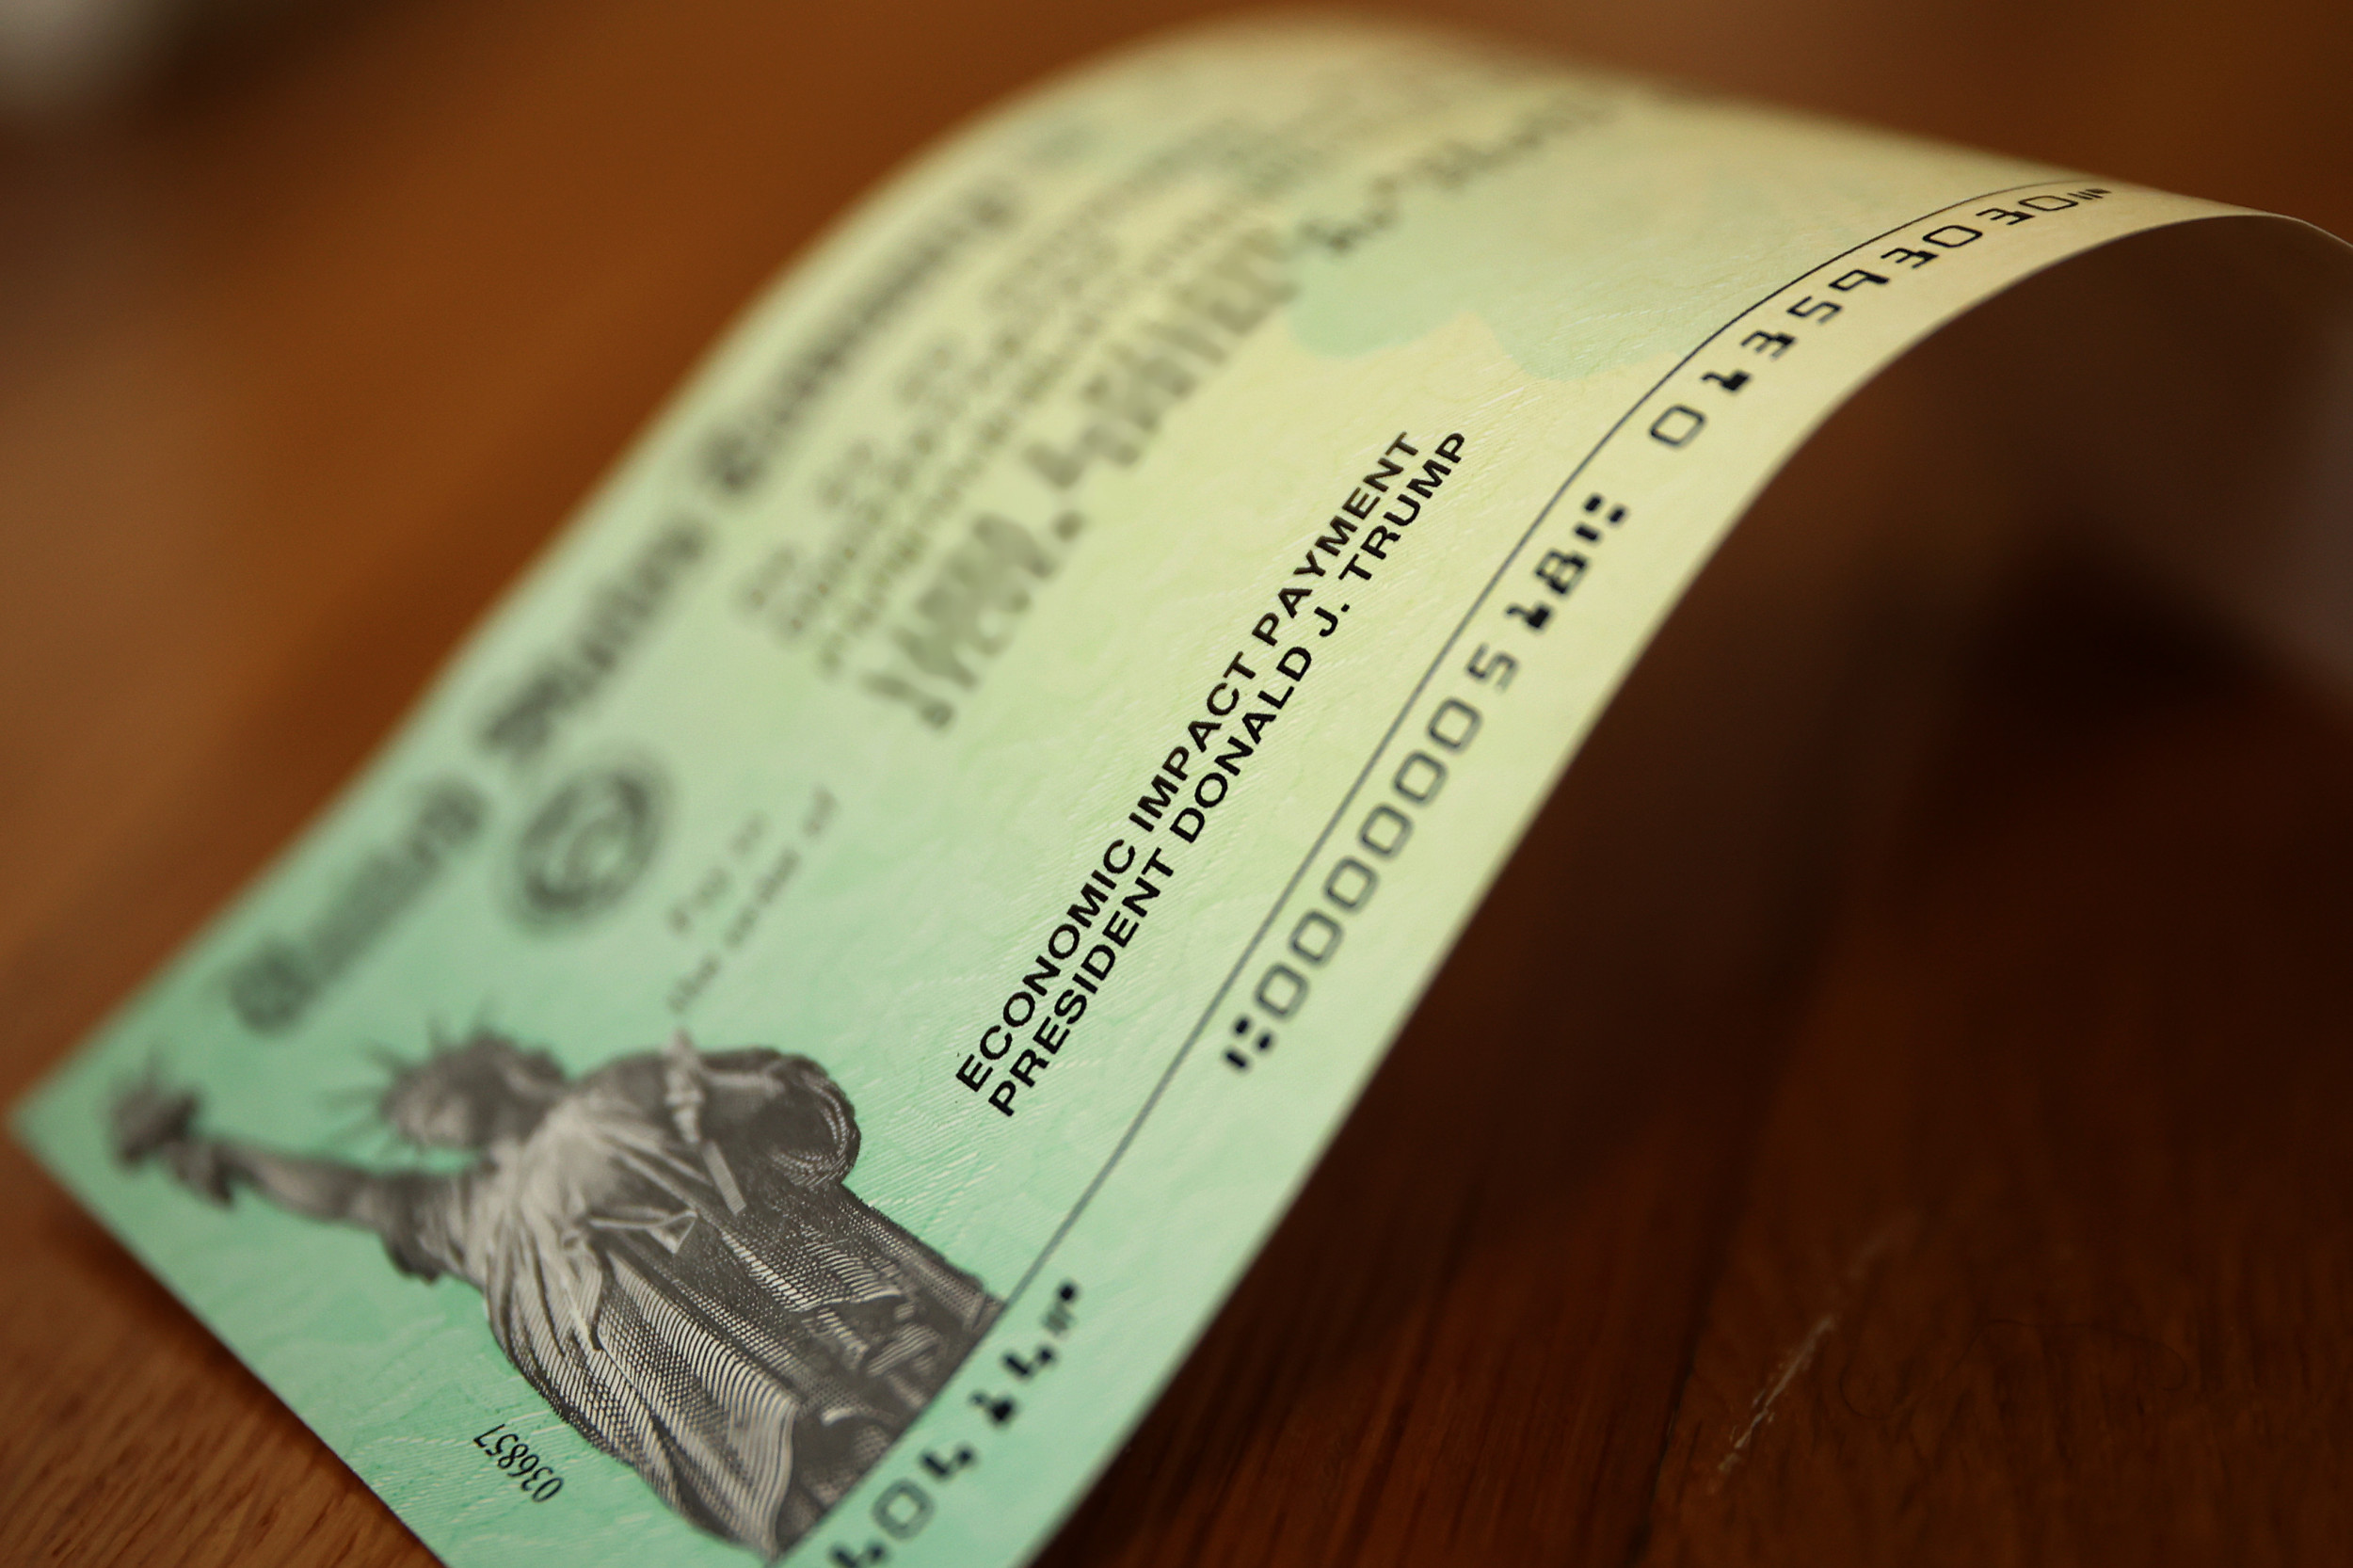 Asda prepaid debit card